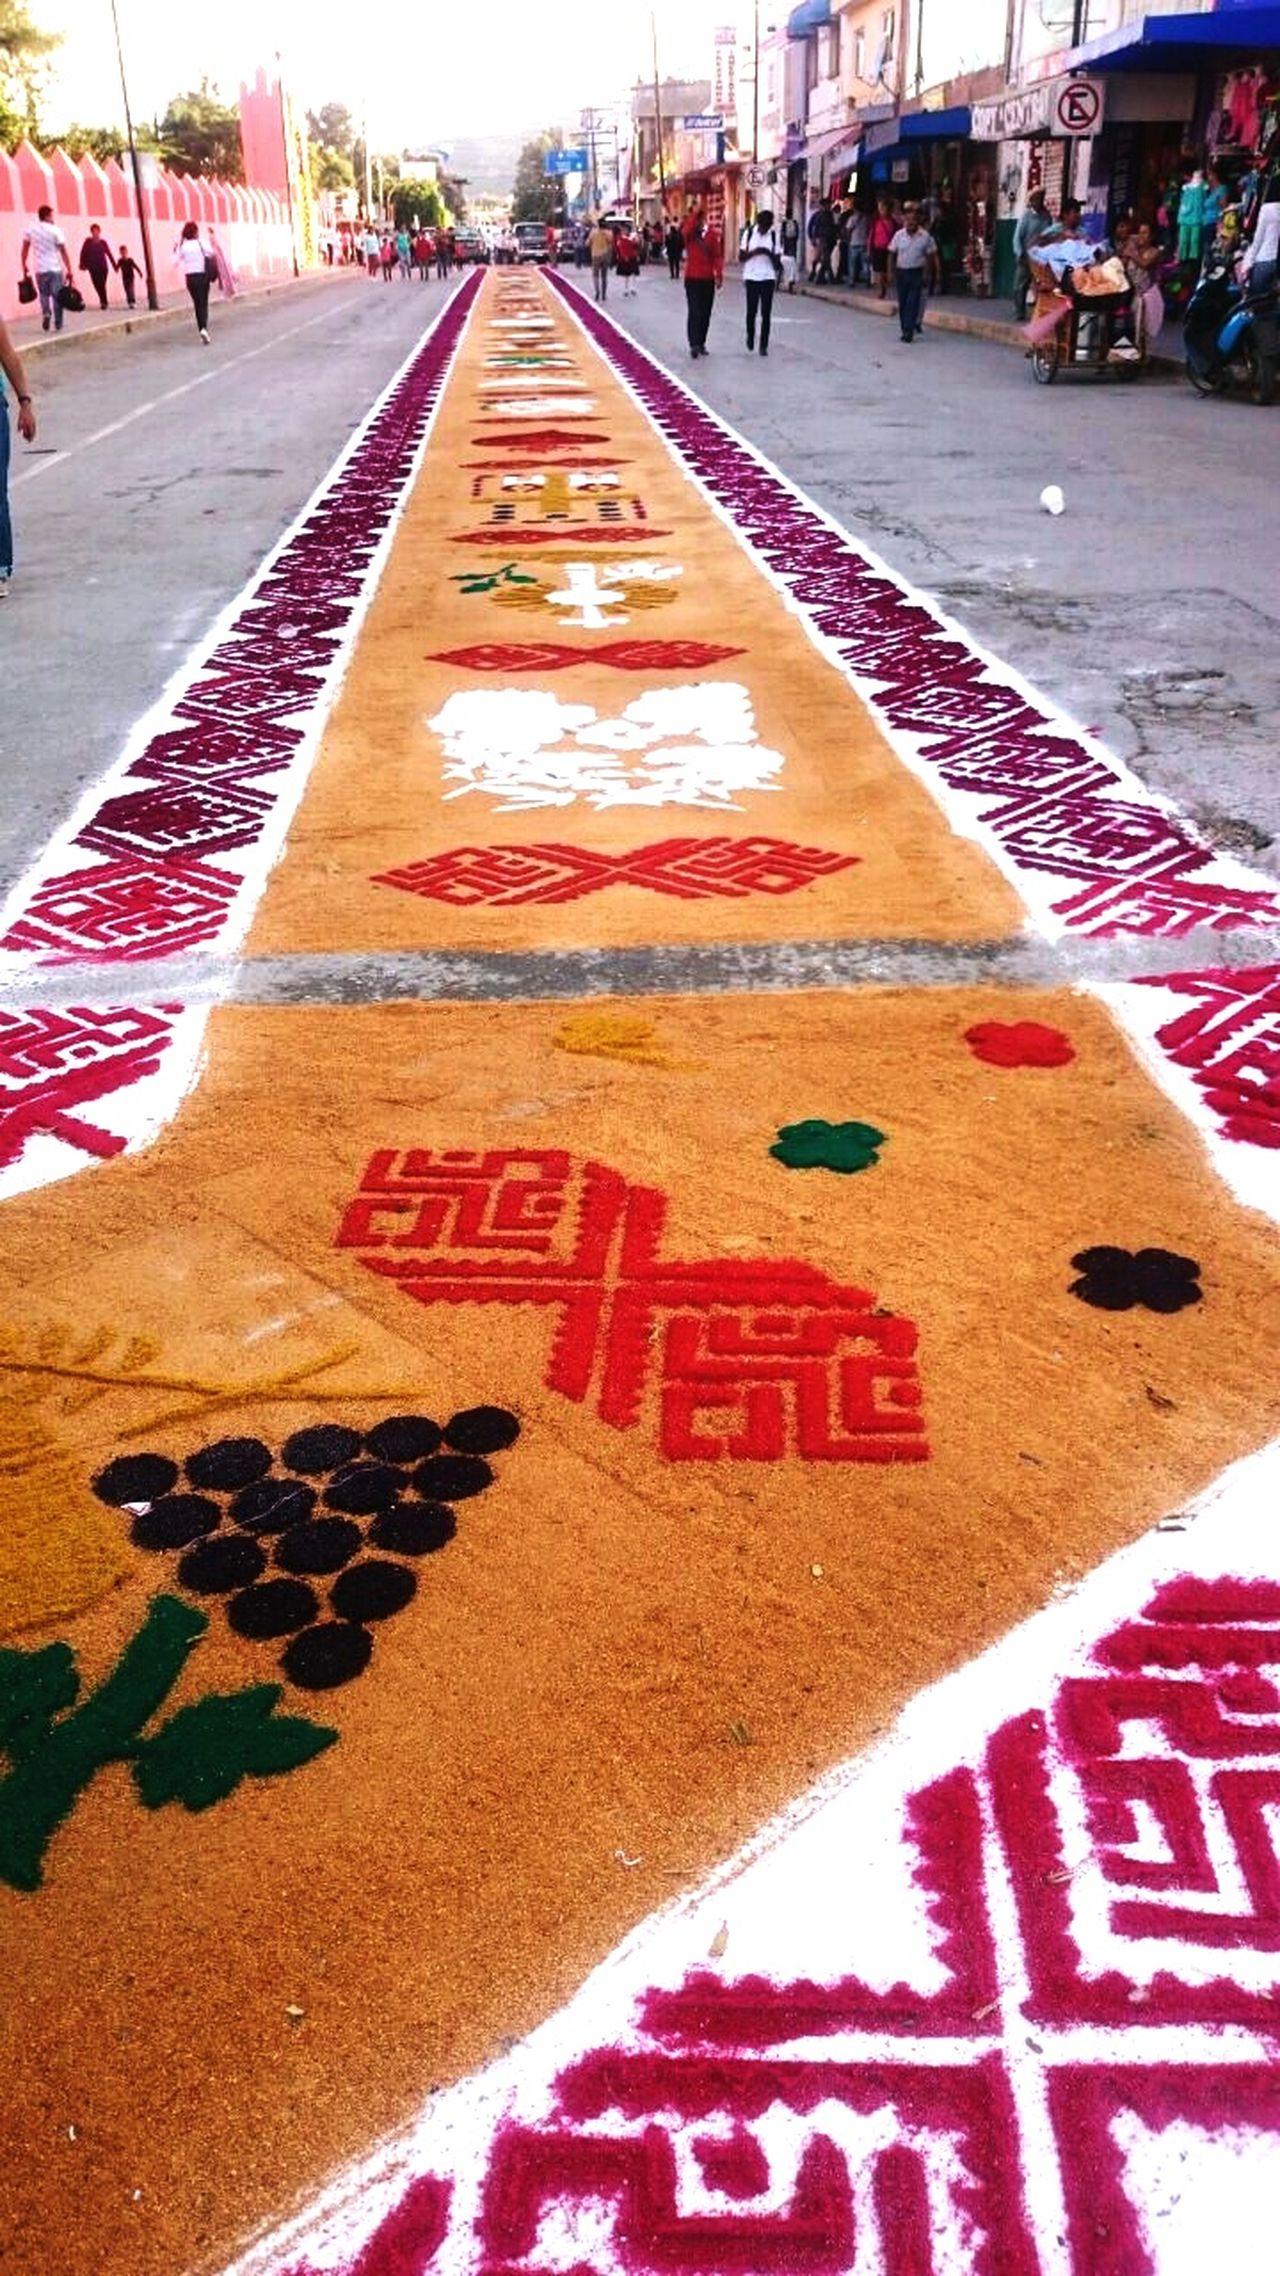 Caminos con significado en la fiesta patronal. Hidalgo  IxmiquilpanHgo